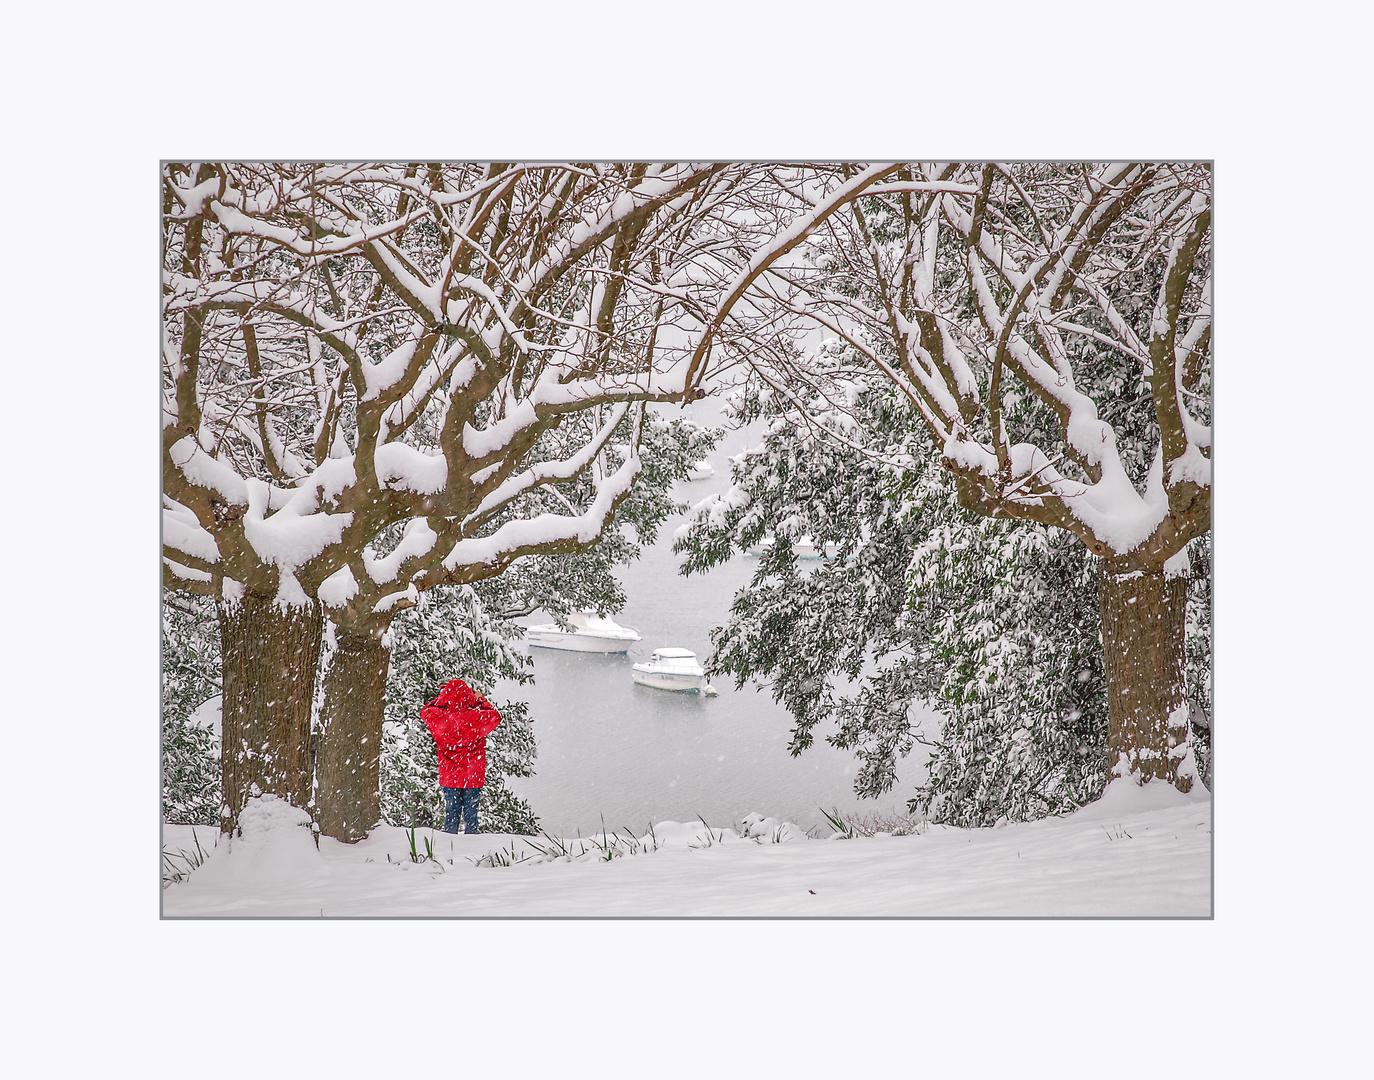 Il neige à Hendaye